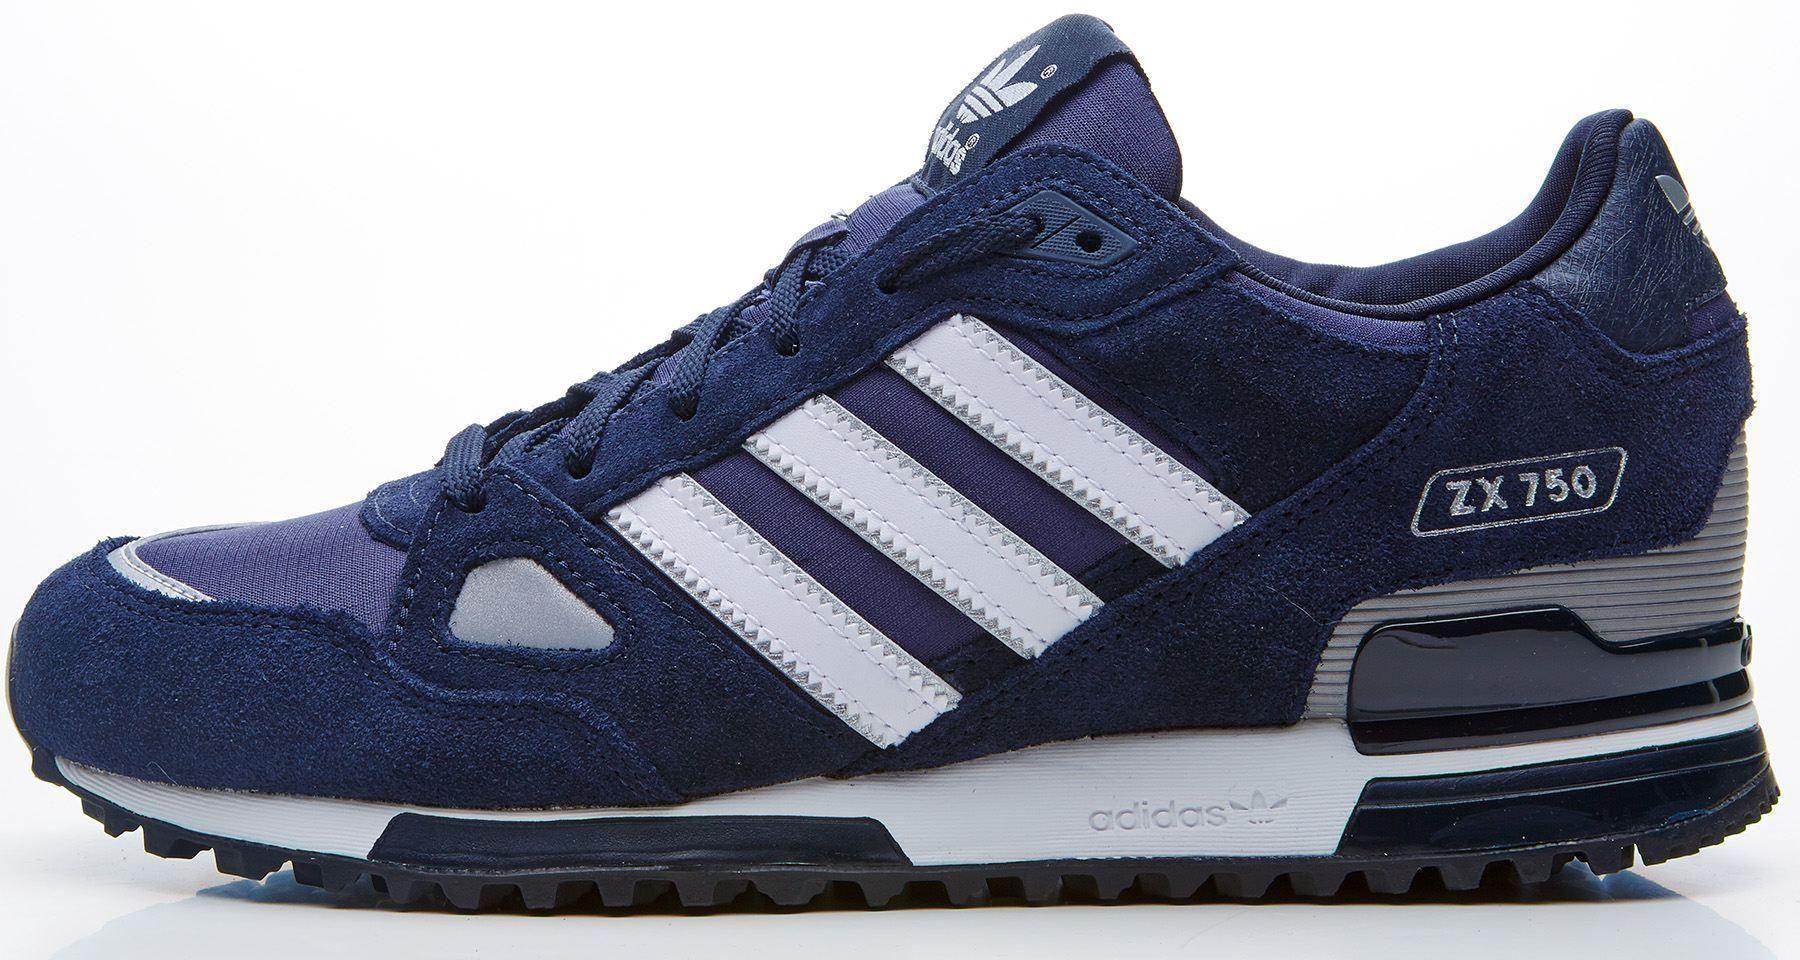 adidas zx 750 kids Blue